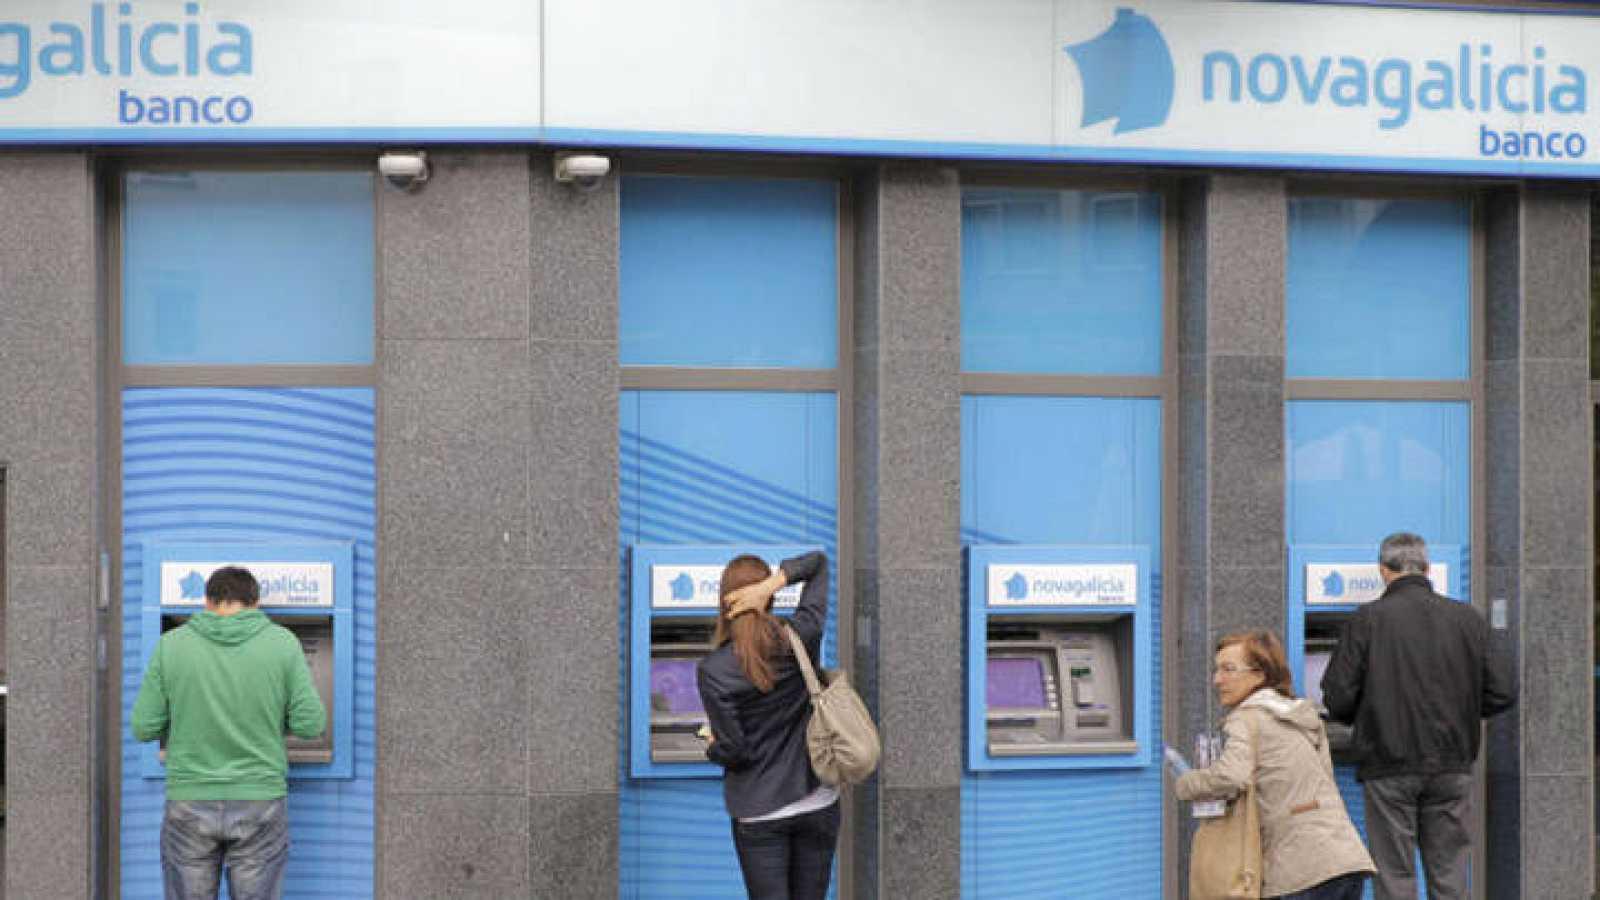 Imagen de archivo de una sucursal de Novagalicia Banco